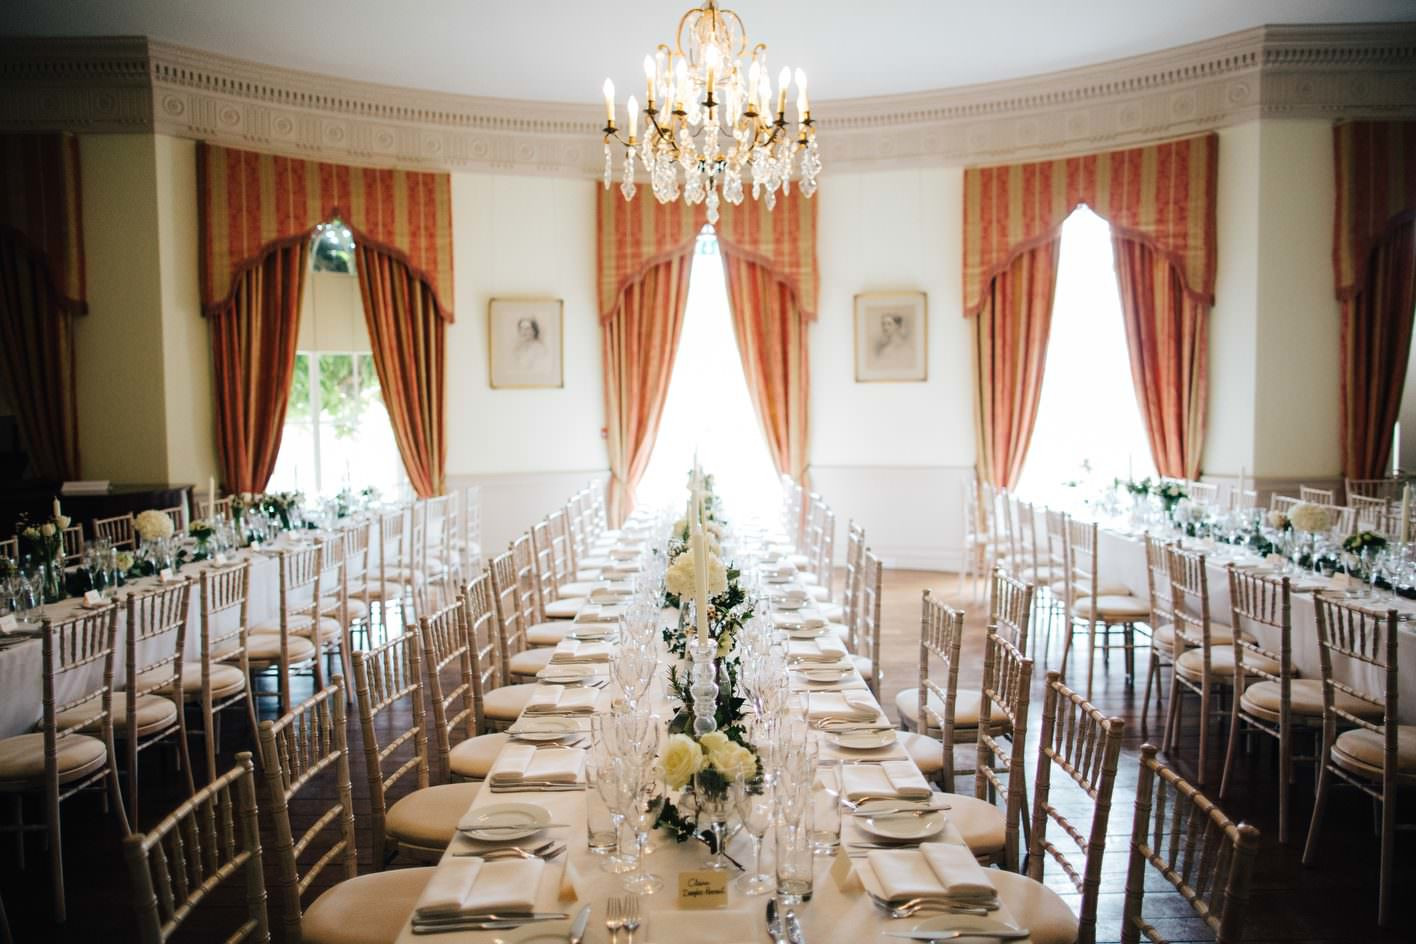 Bridebook.co.uk- wedding venue set up for reception